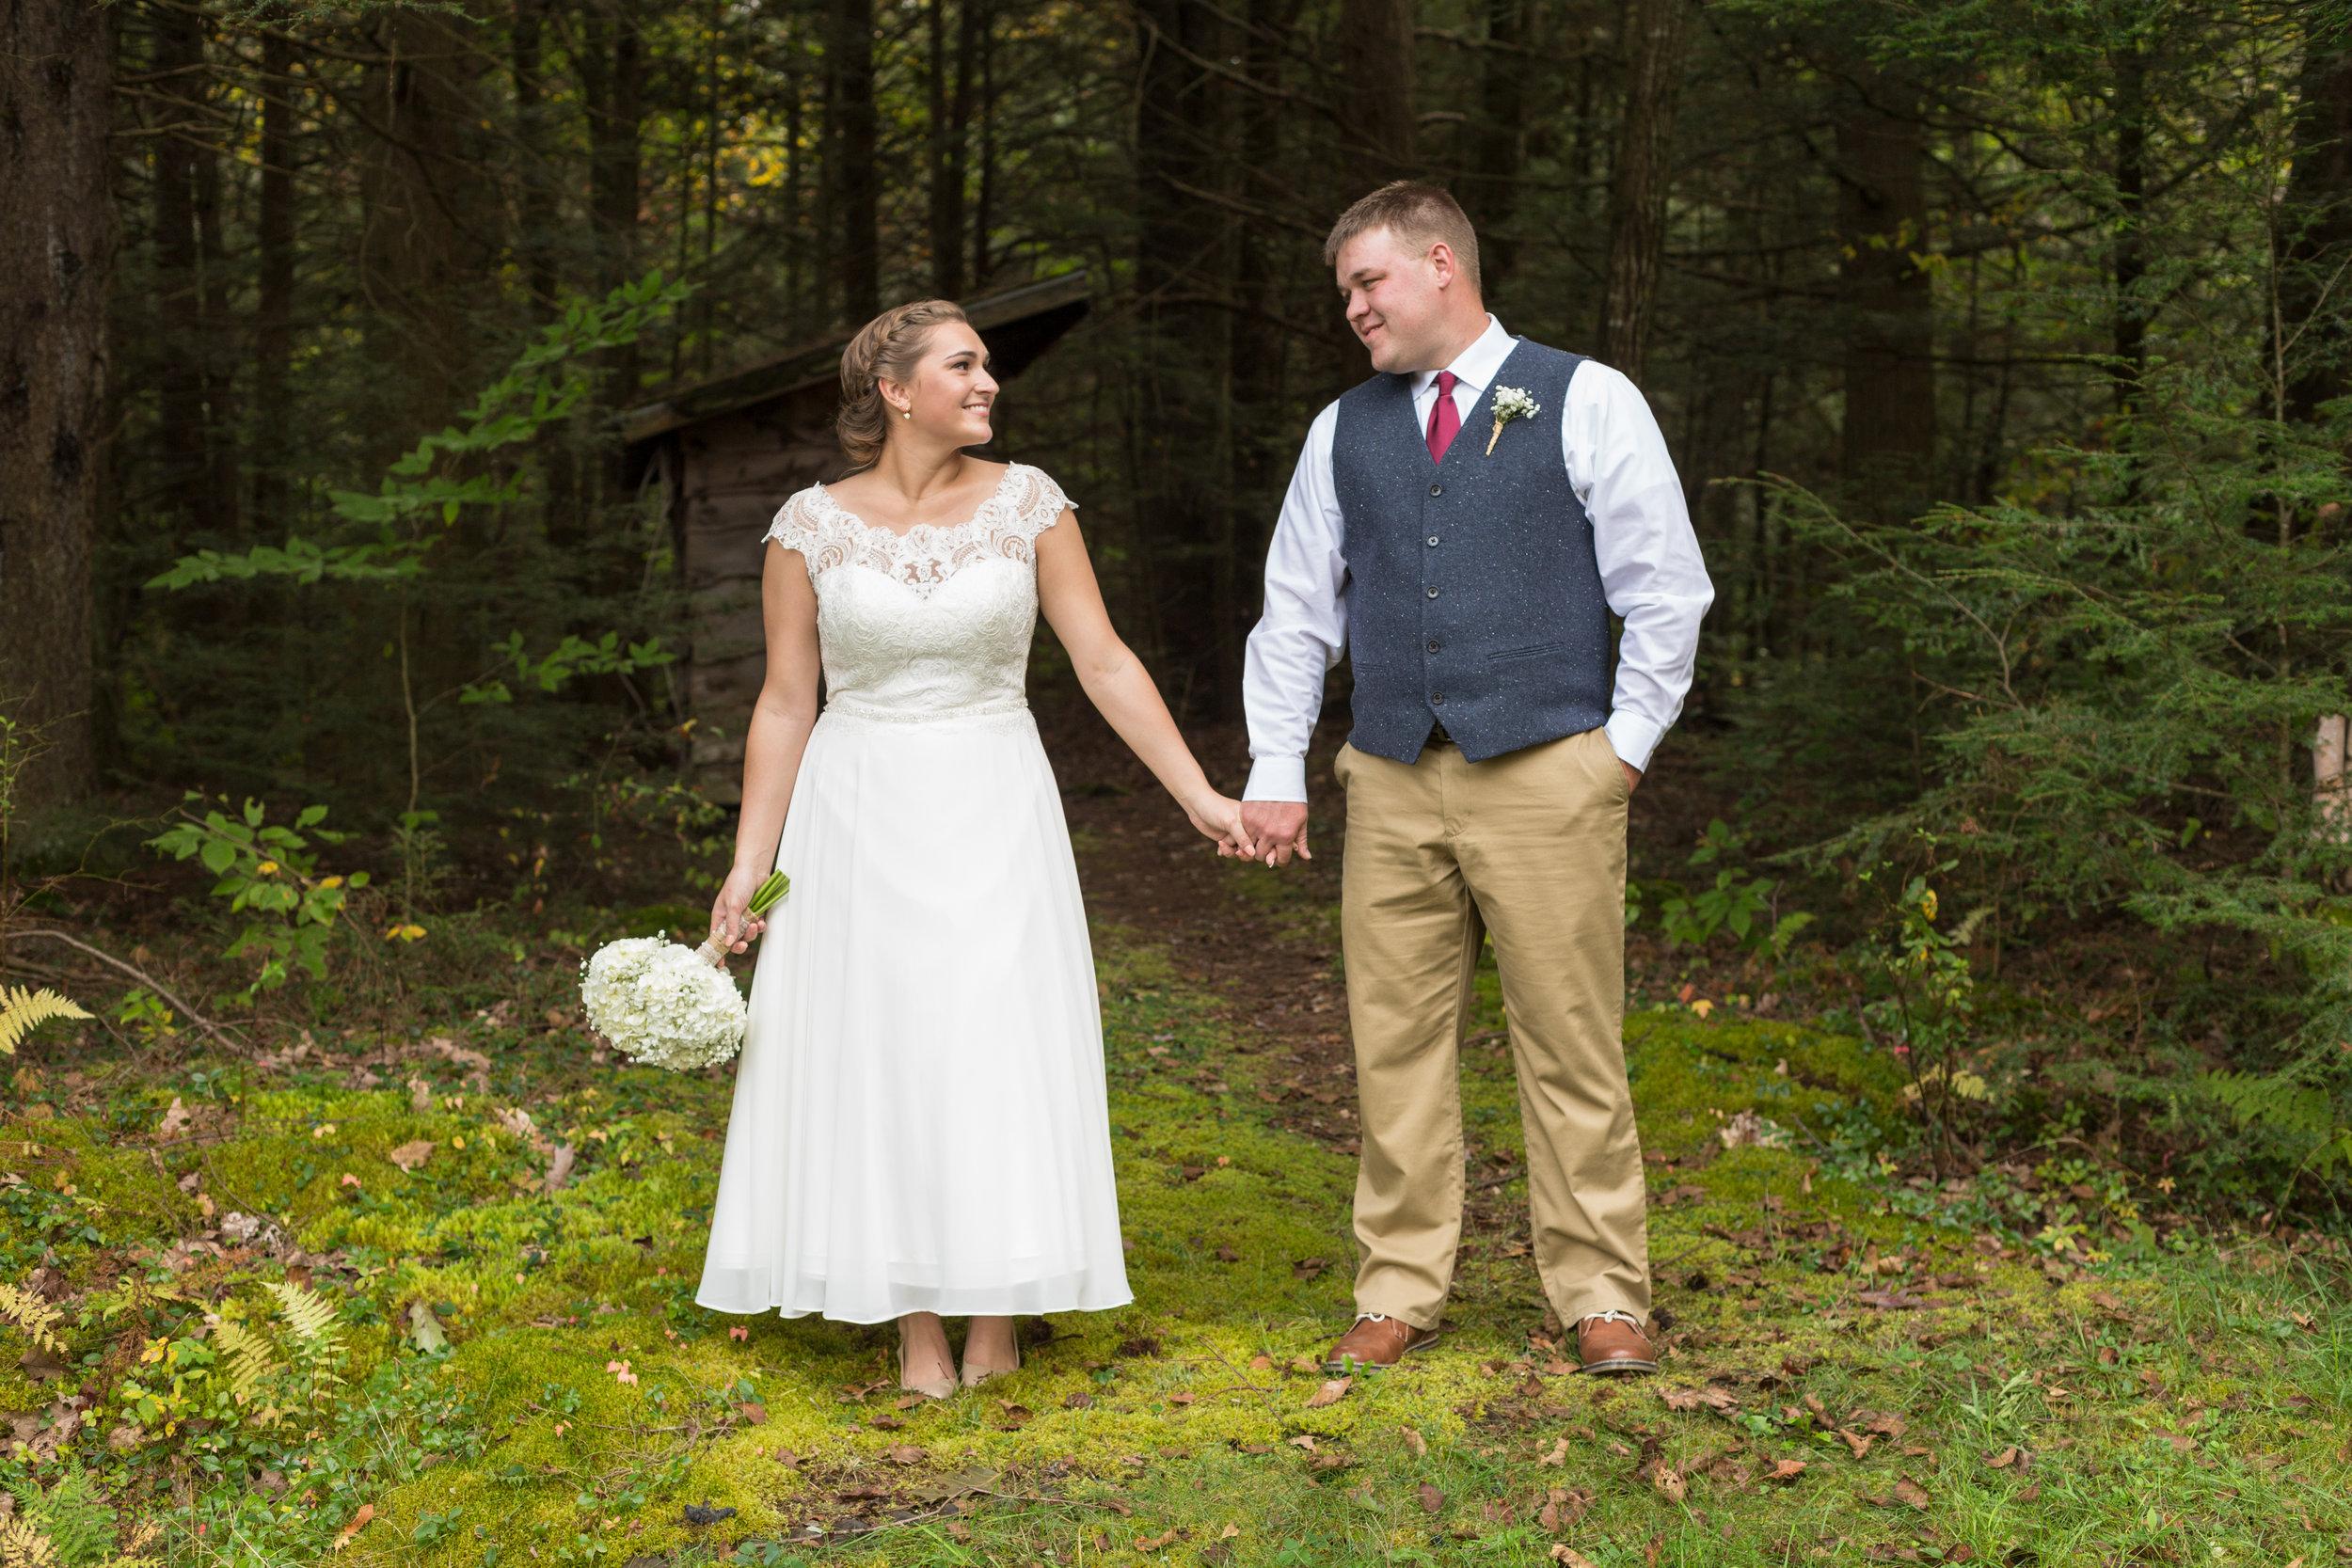 Goyer Wedding_095.JPG